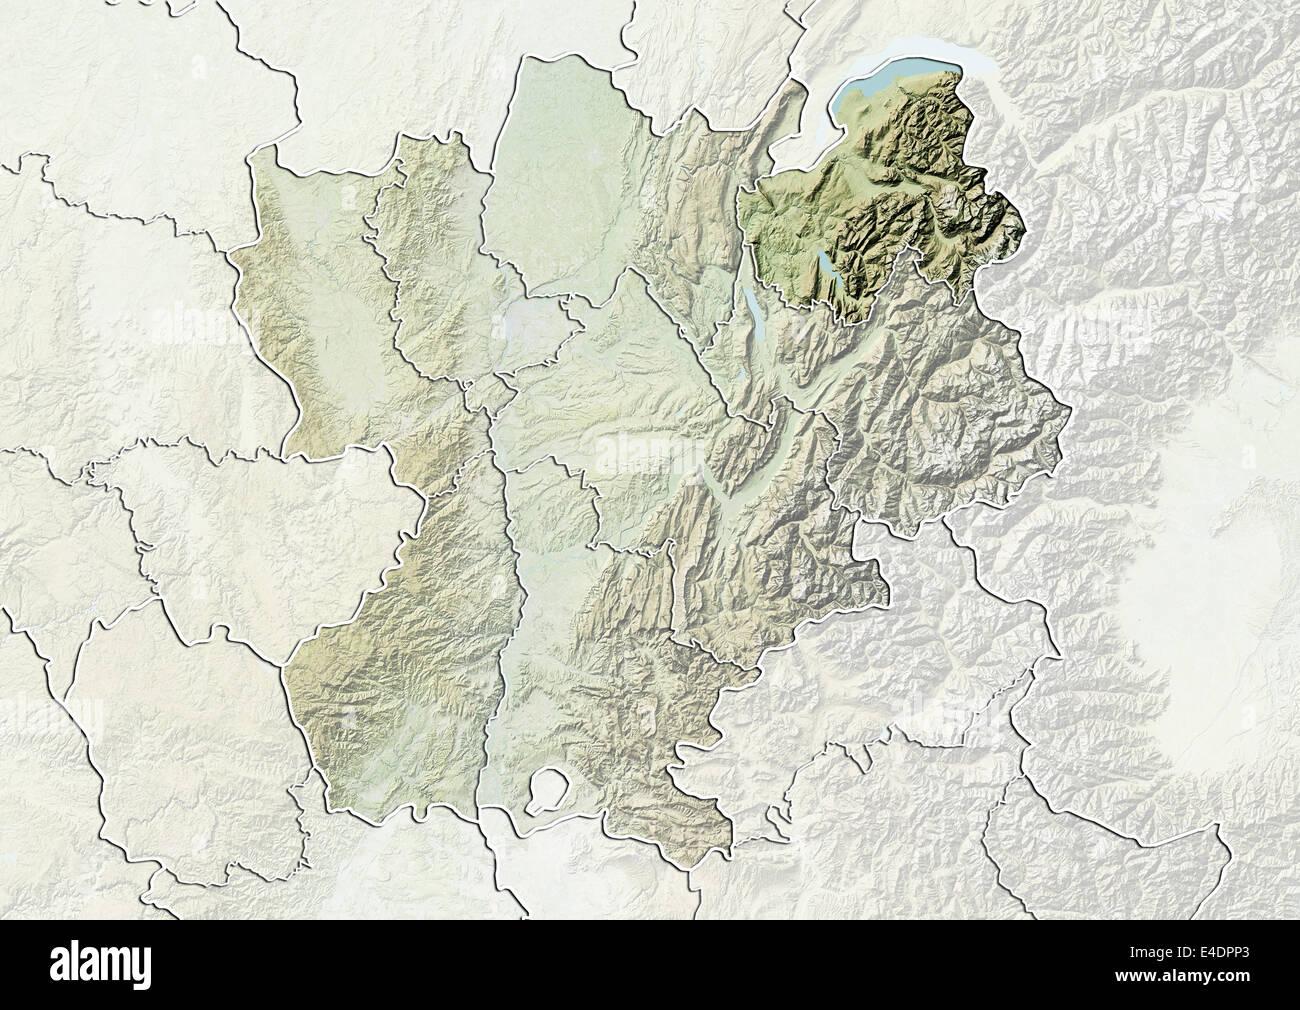 Departement of Haute-Savoie, France, Relief Map Stock Photo